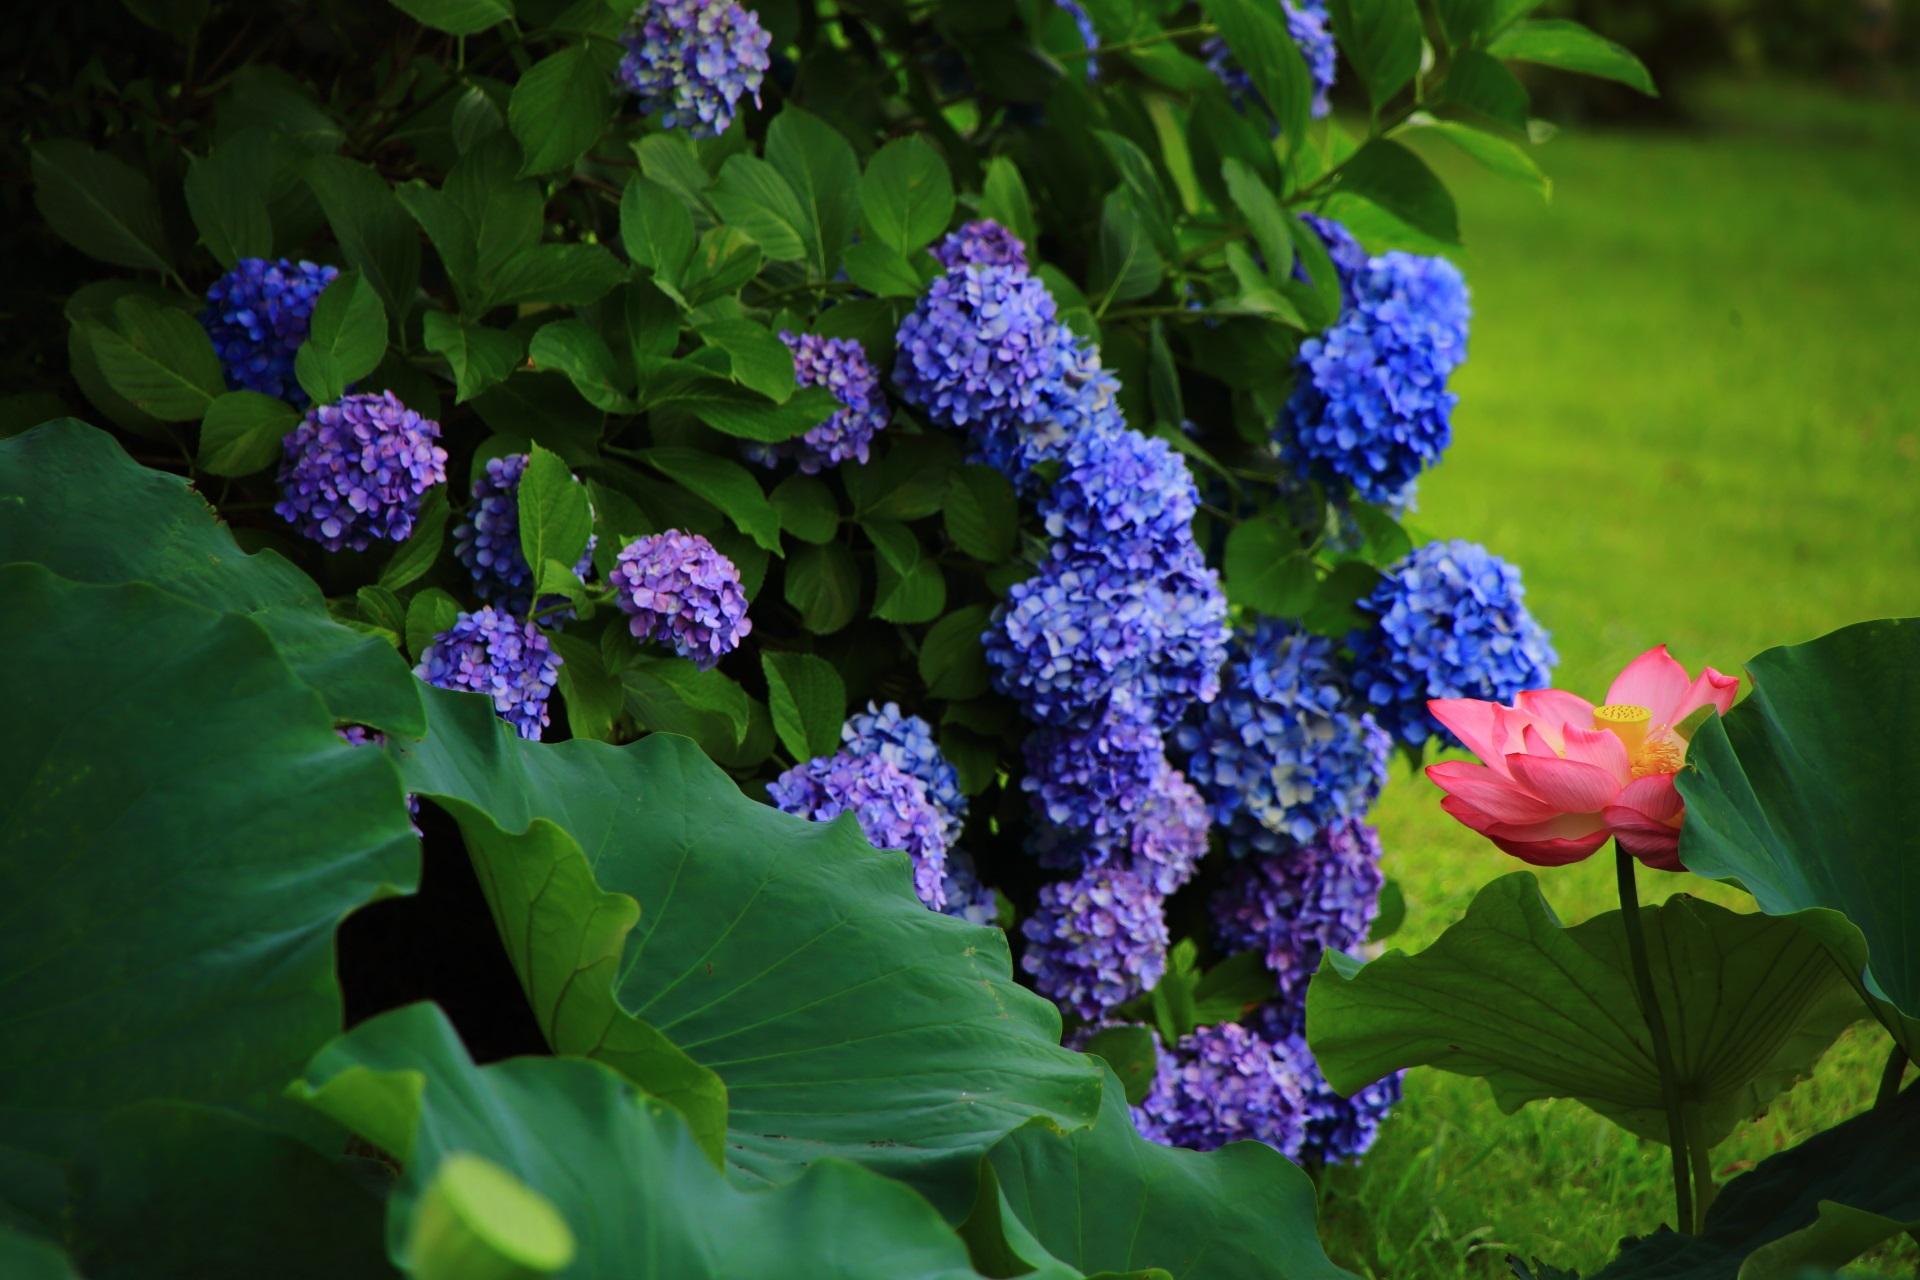 東寺の満開の紫陽花と蓮の初夏の花の競演